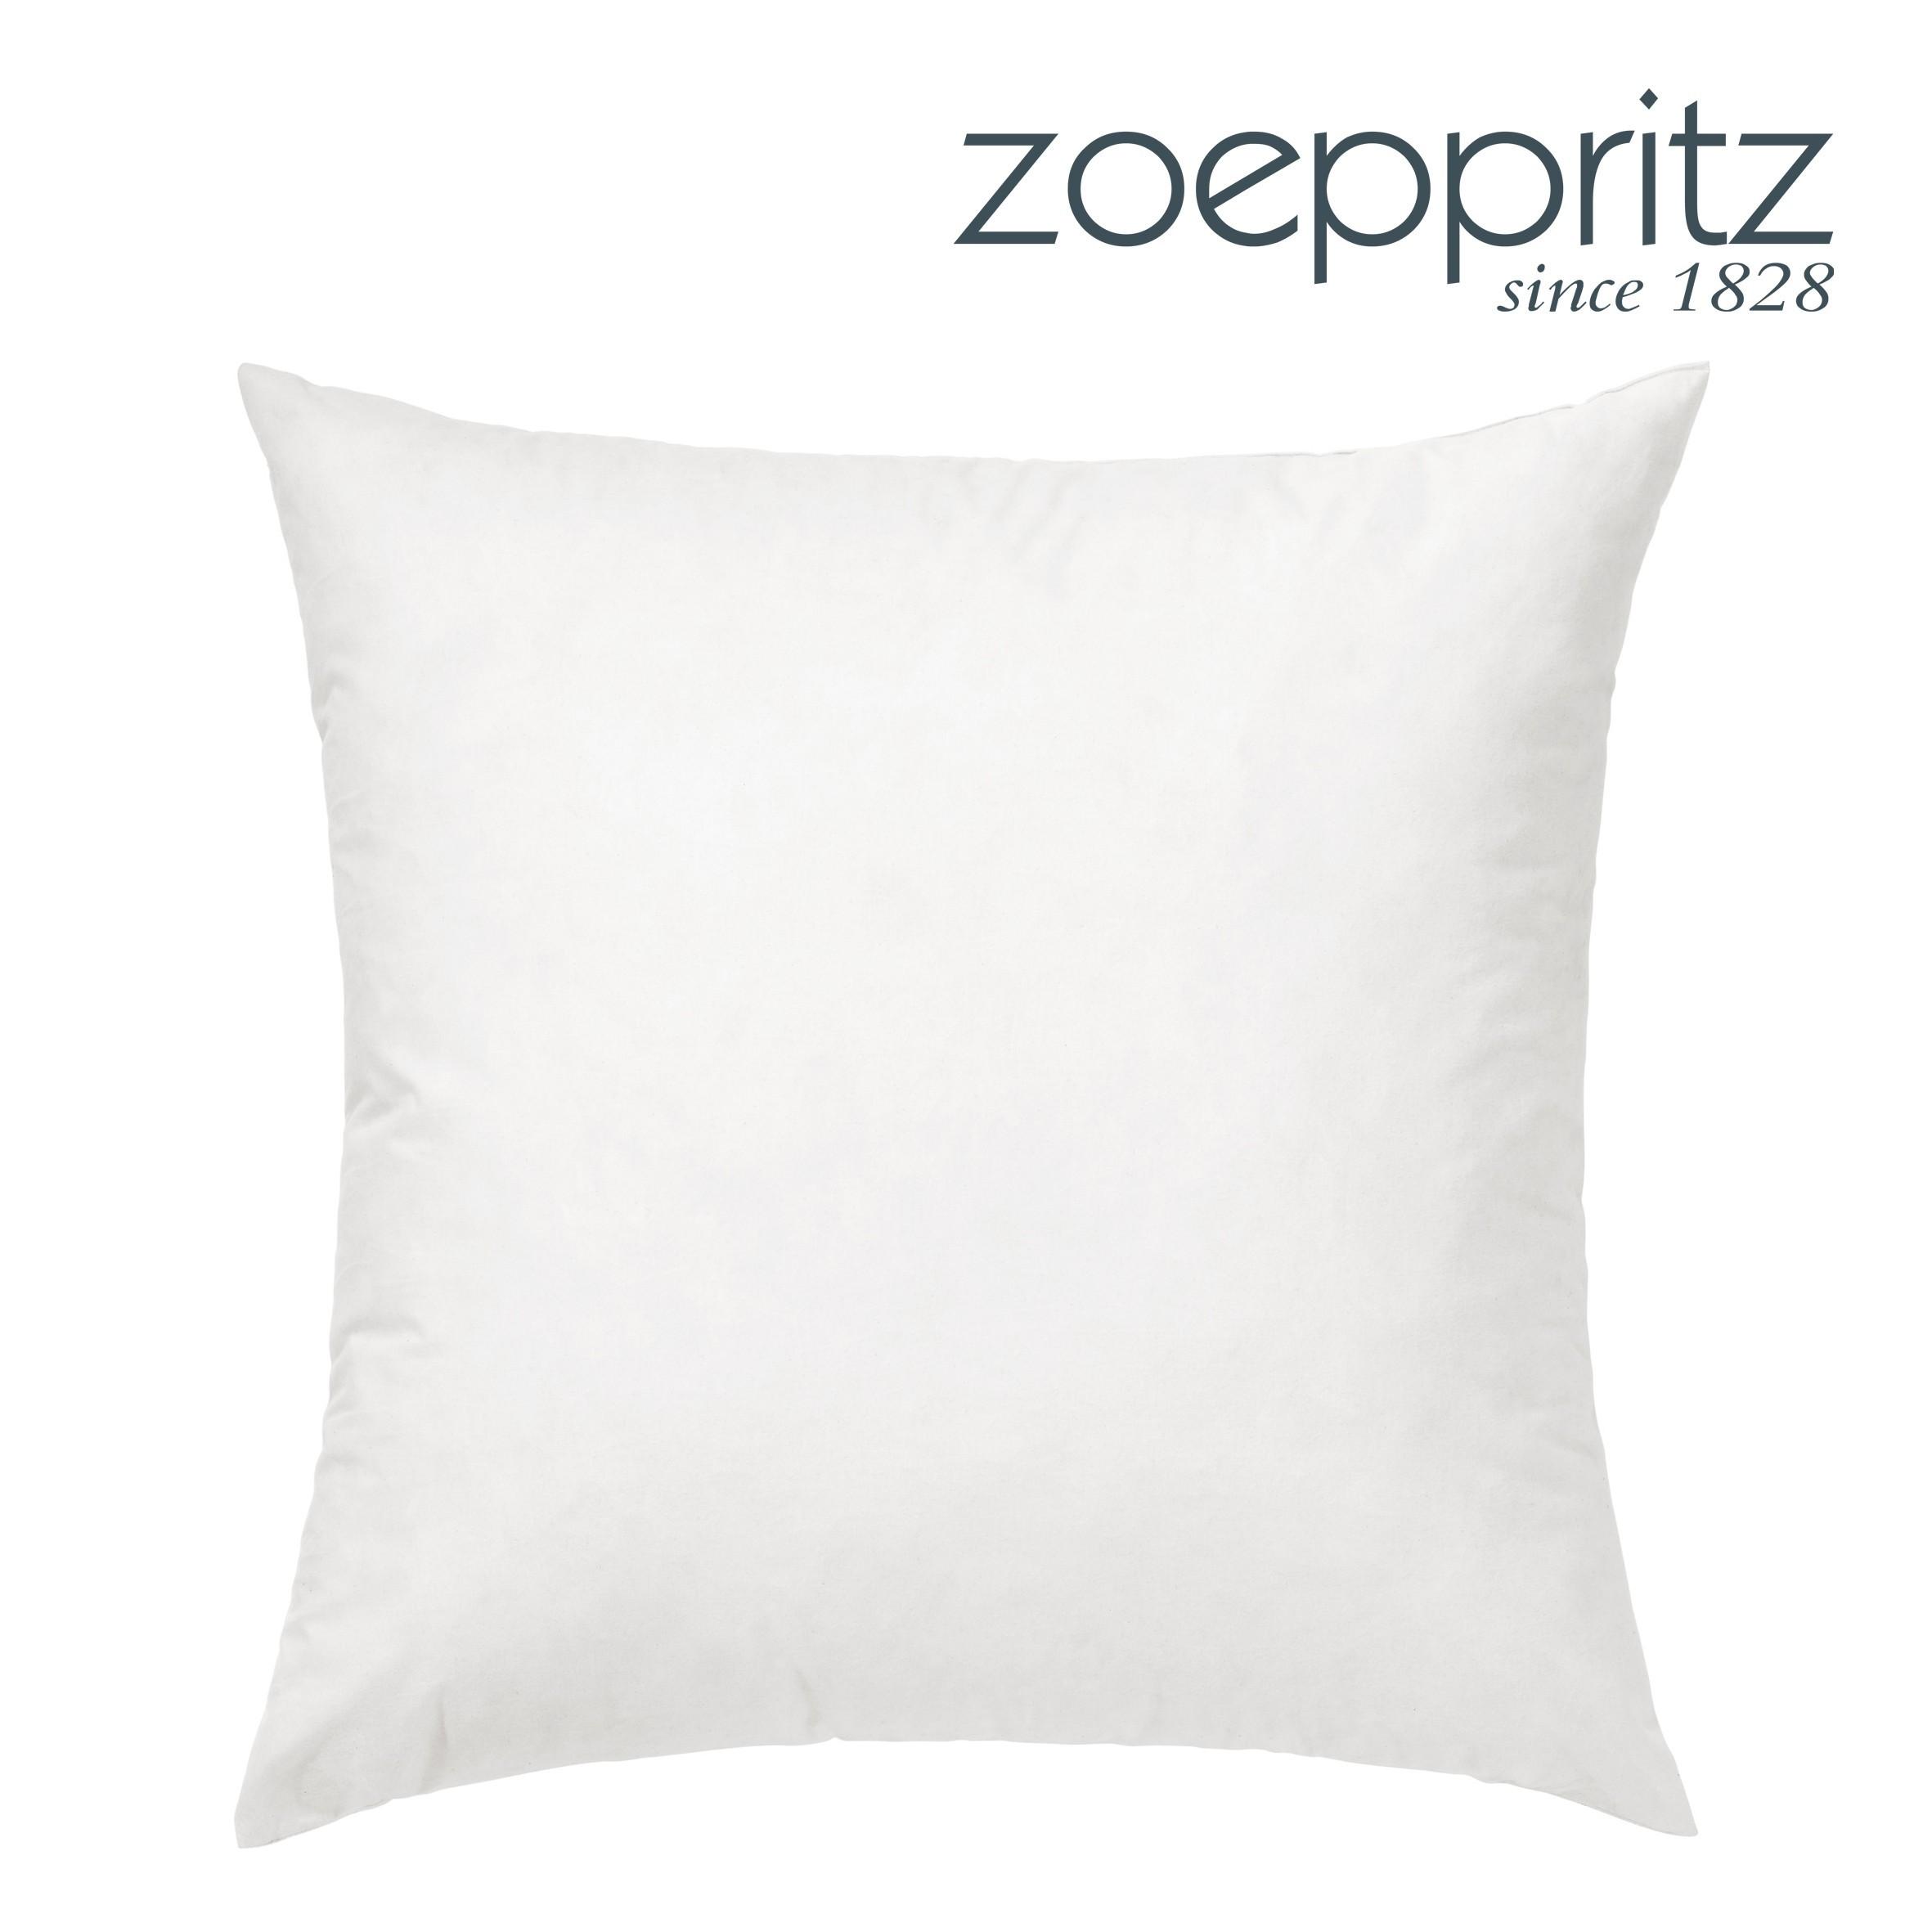 zoeppritz kissenf llung federn. Black Bedroom Furniture Sets. Home Design Ideas